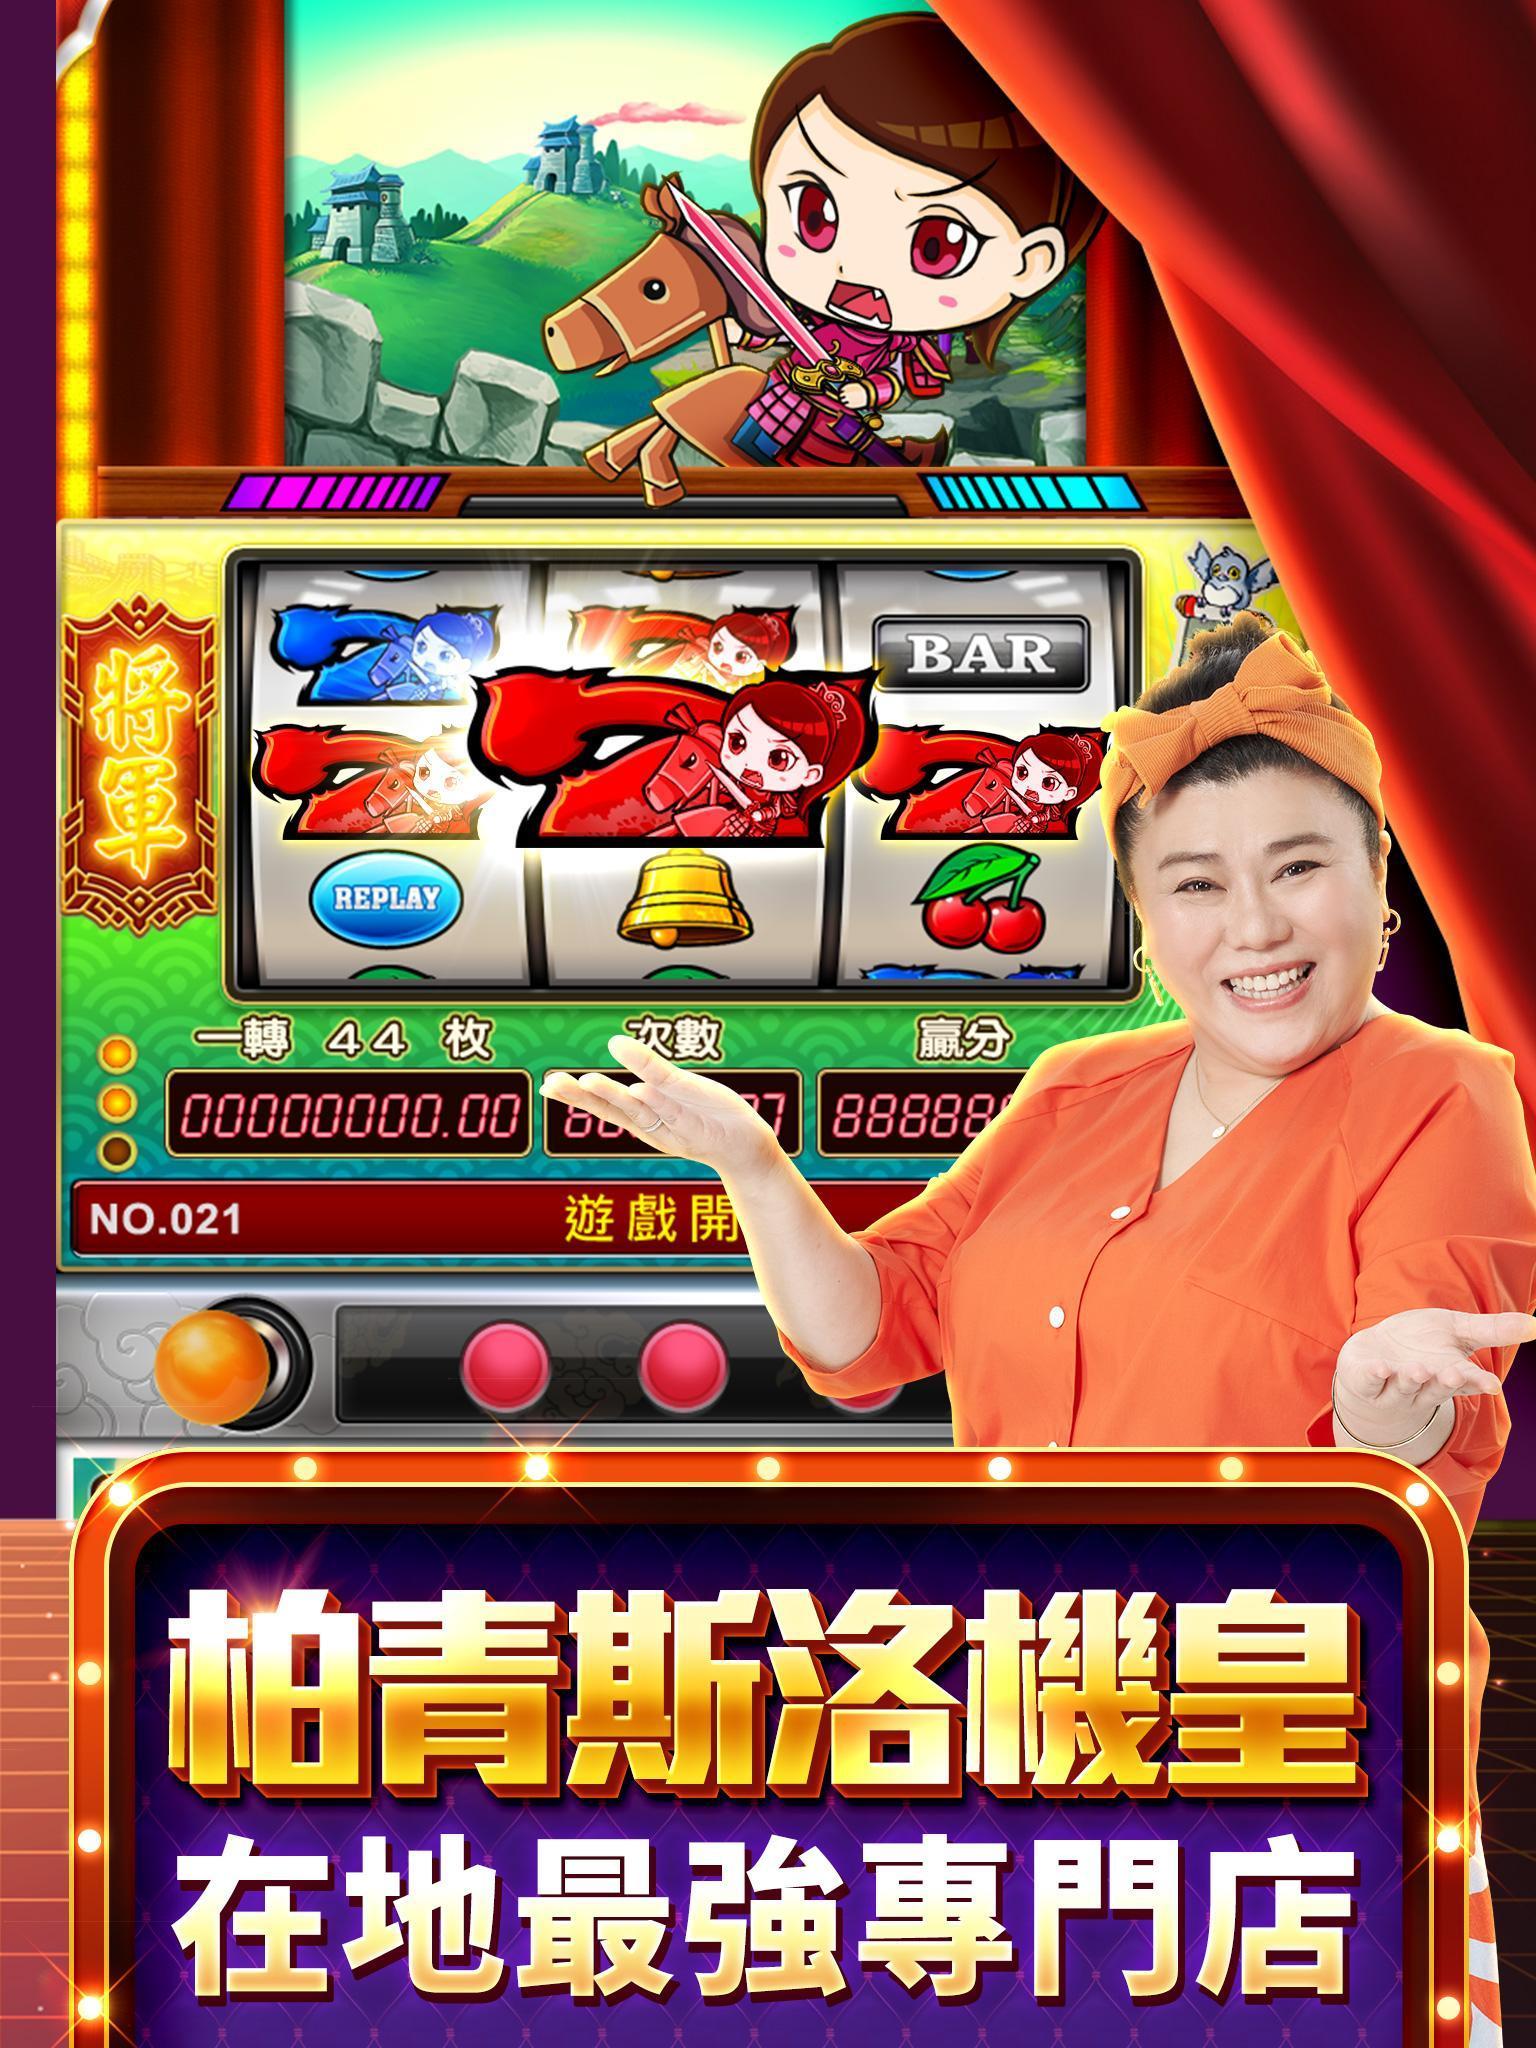 老子有錢 麻將、捕魚、老虎機、百家樂、柏青斯洛 2.57.1320 Screenshot 3